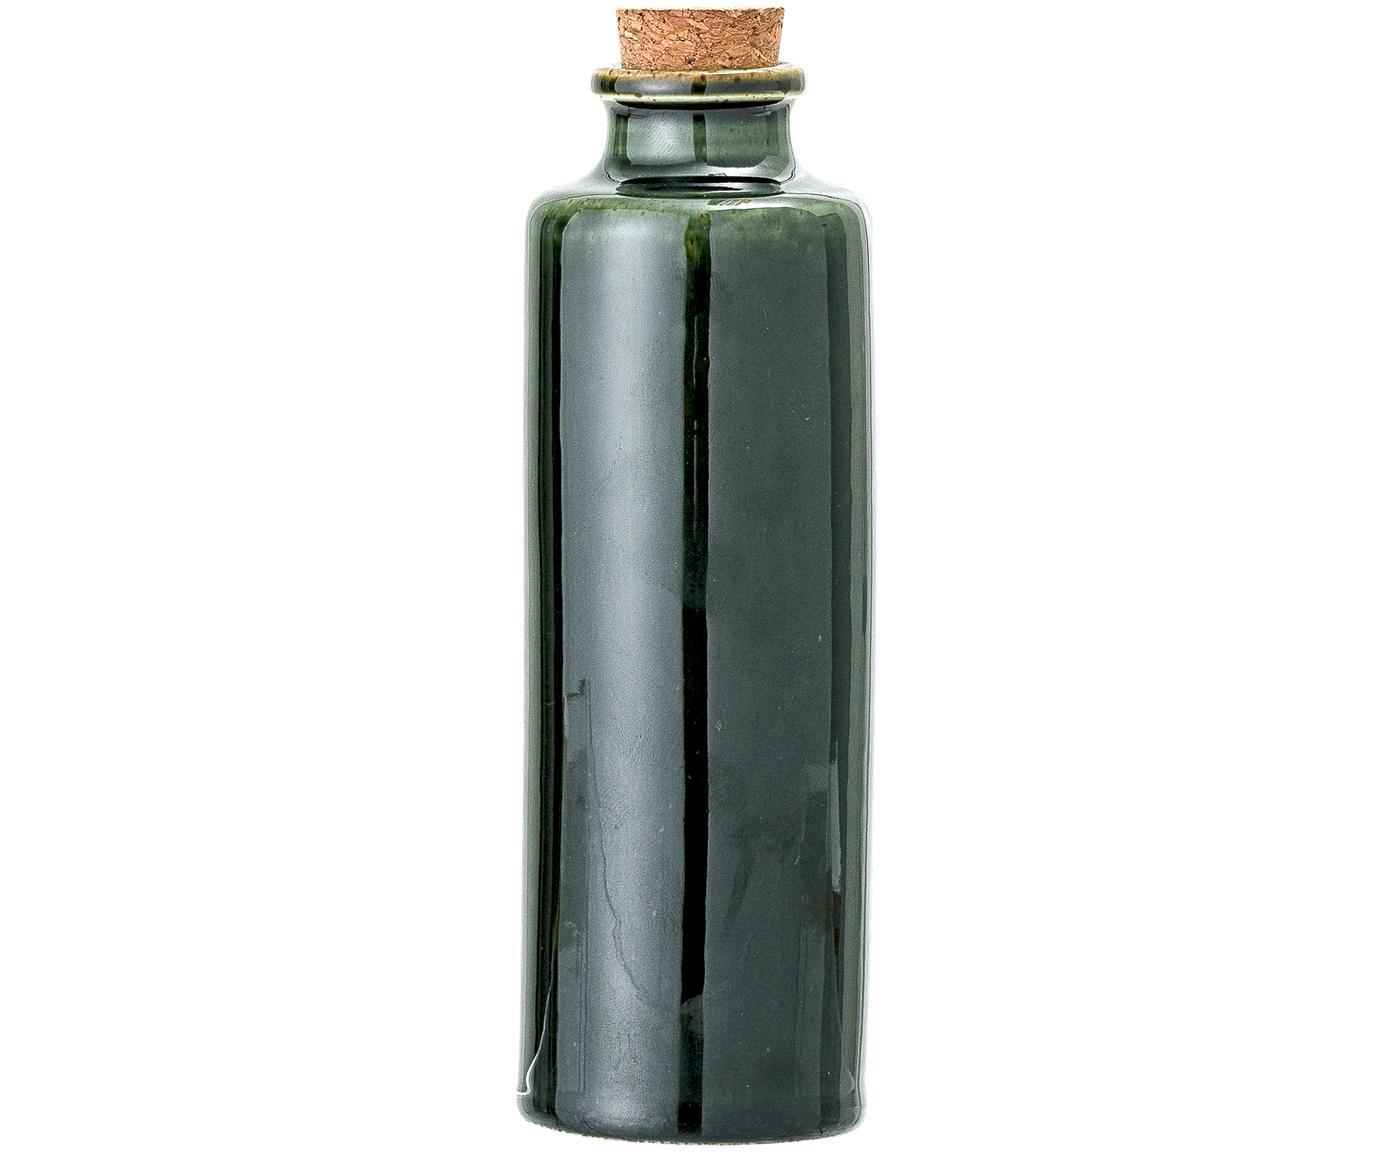 Handgemaakte azijn- en oliekaraf Joelle, Pot: keramiek, Donkergroen, Ø 6 x H 18 cm